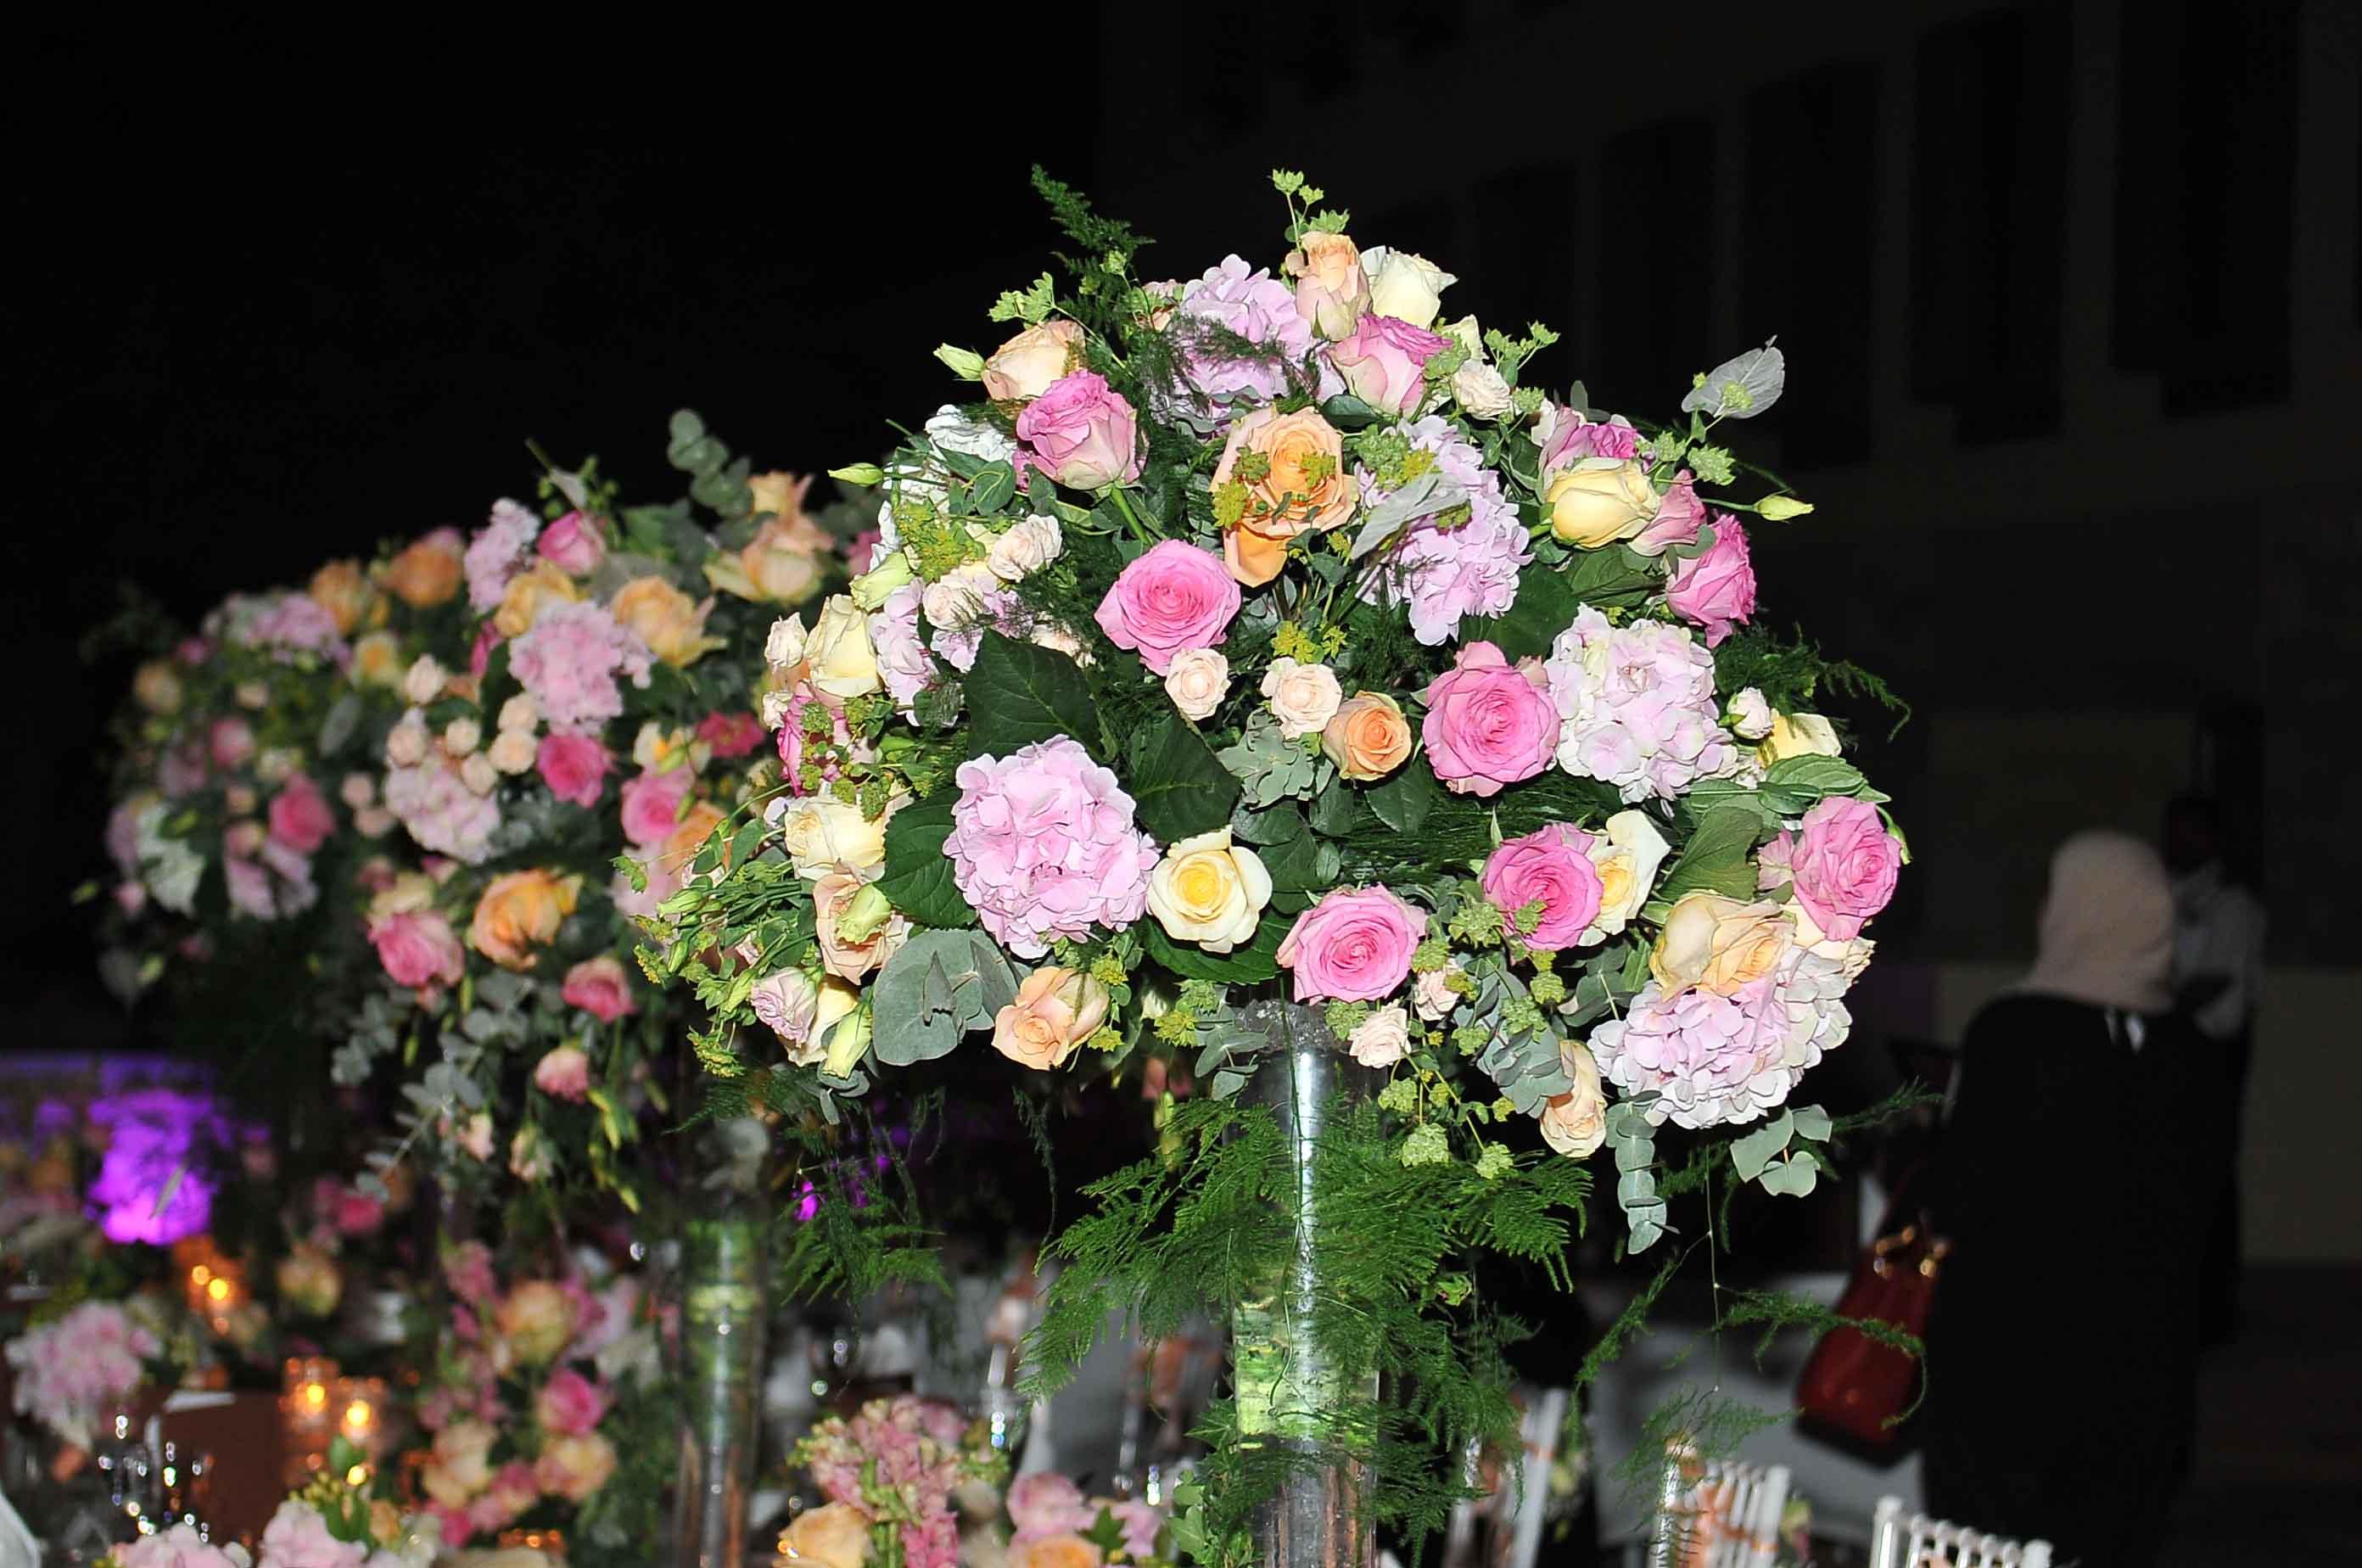 منسقة زهور الملكة-تصوير اسامه ابوعطيه 3-11-2014 (15)